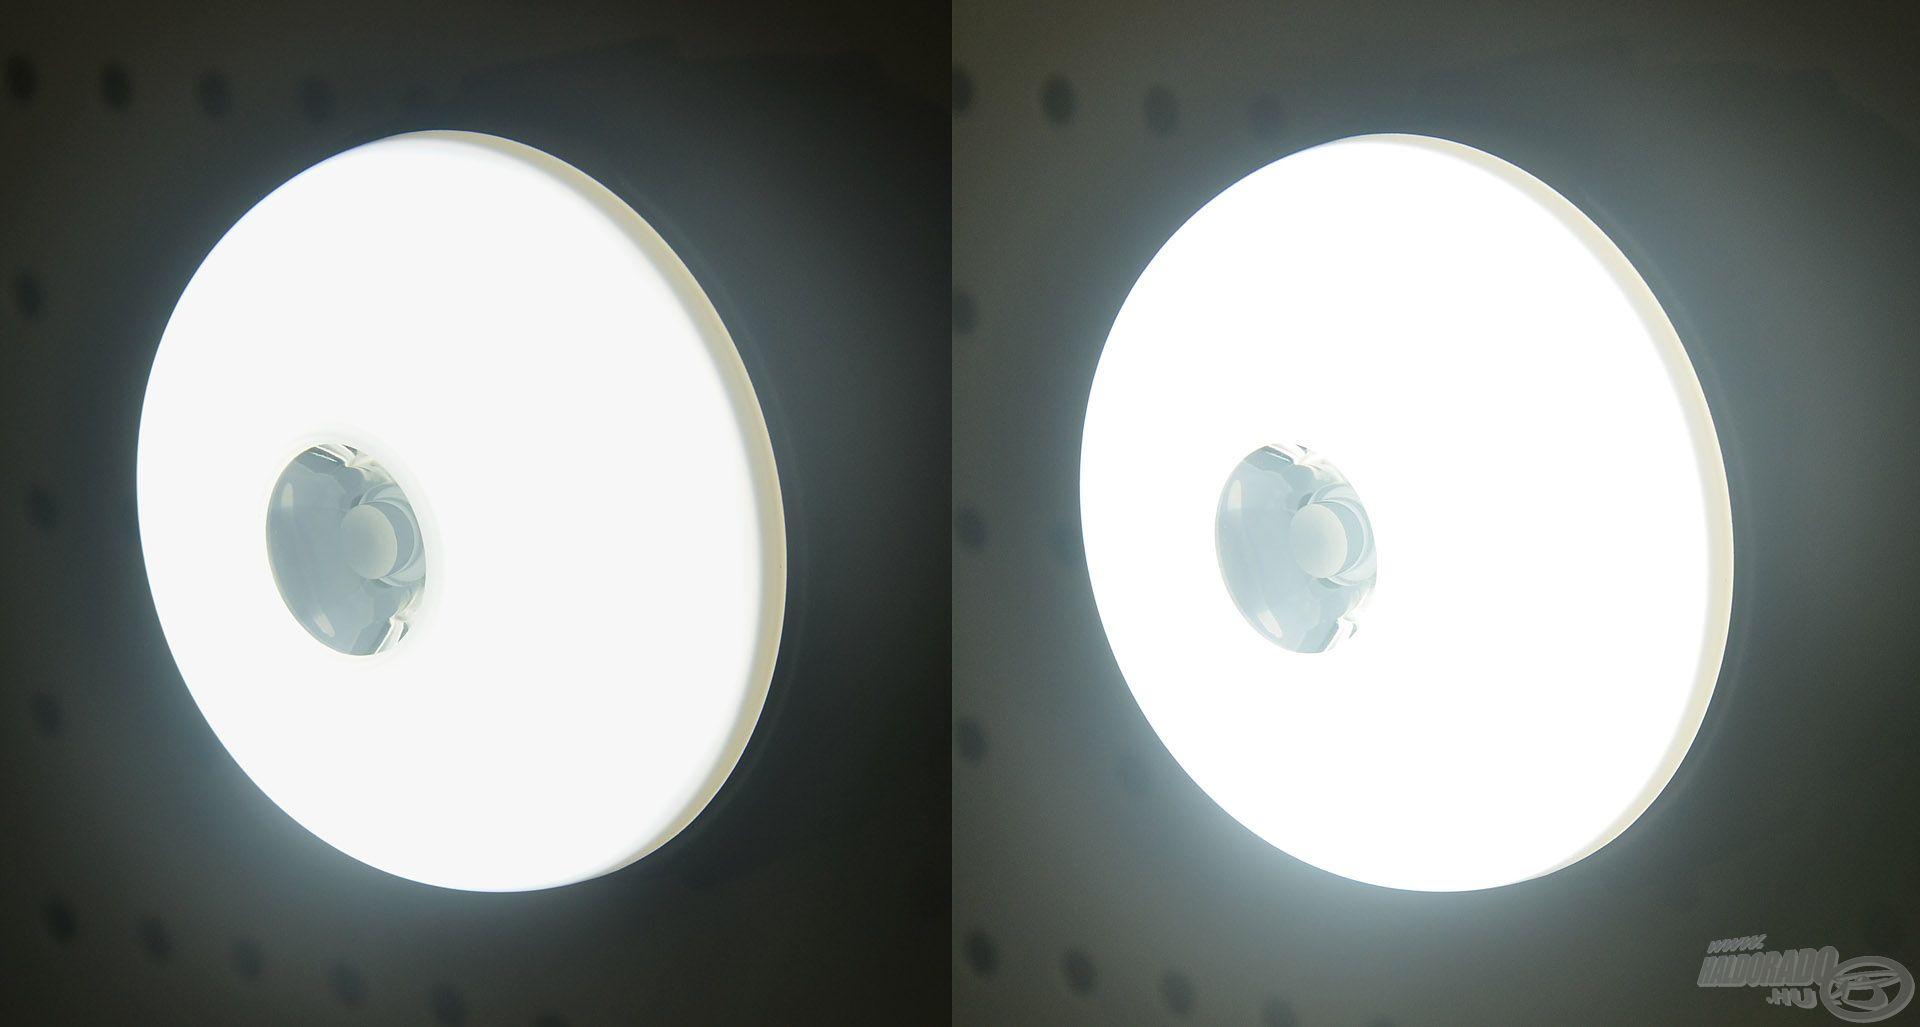 A közepes és maximális fényerő között jól látszik a különbség